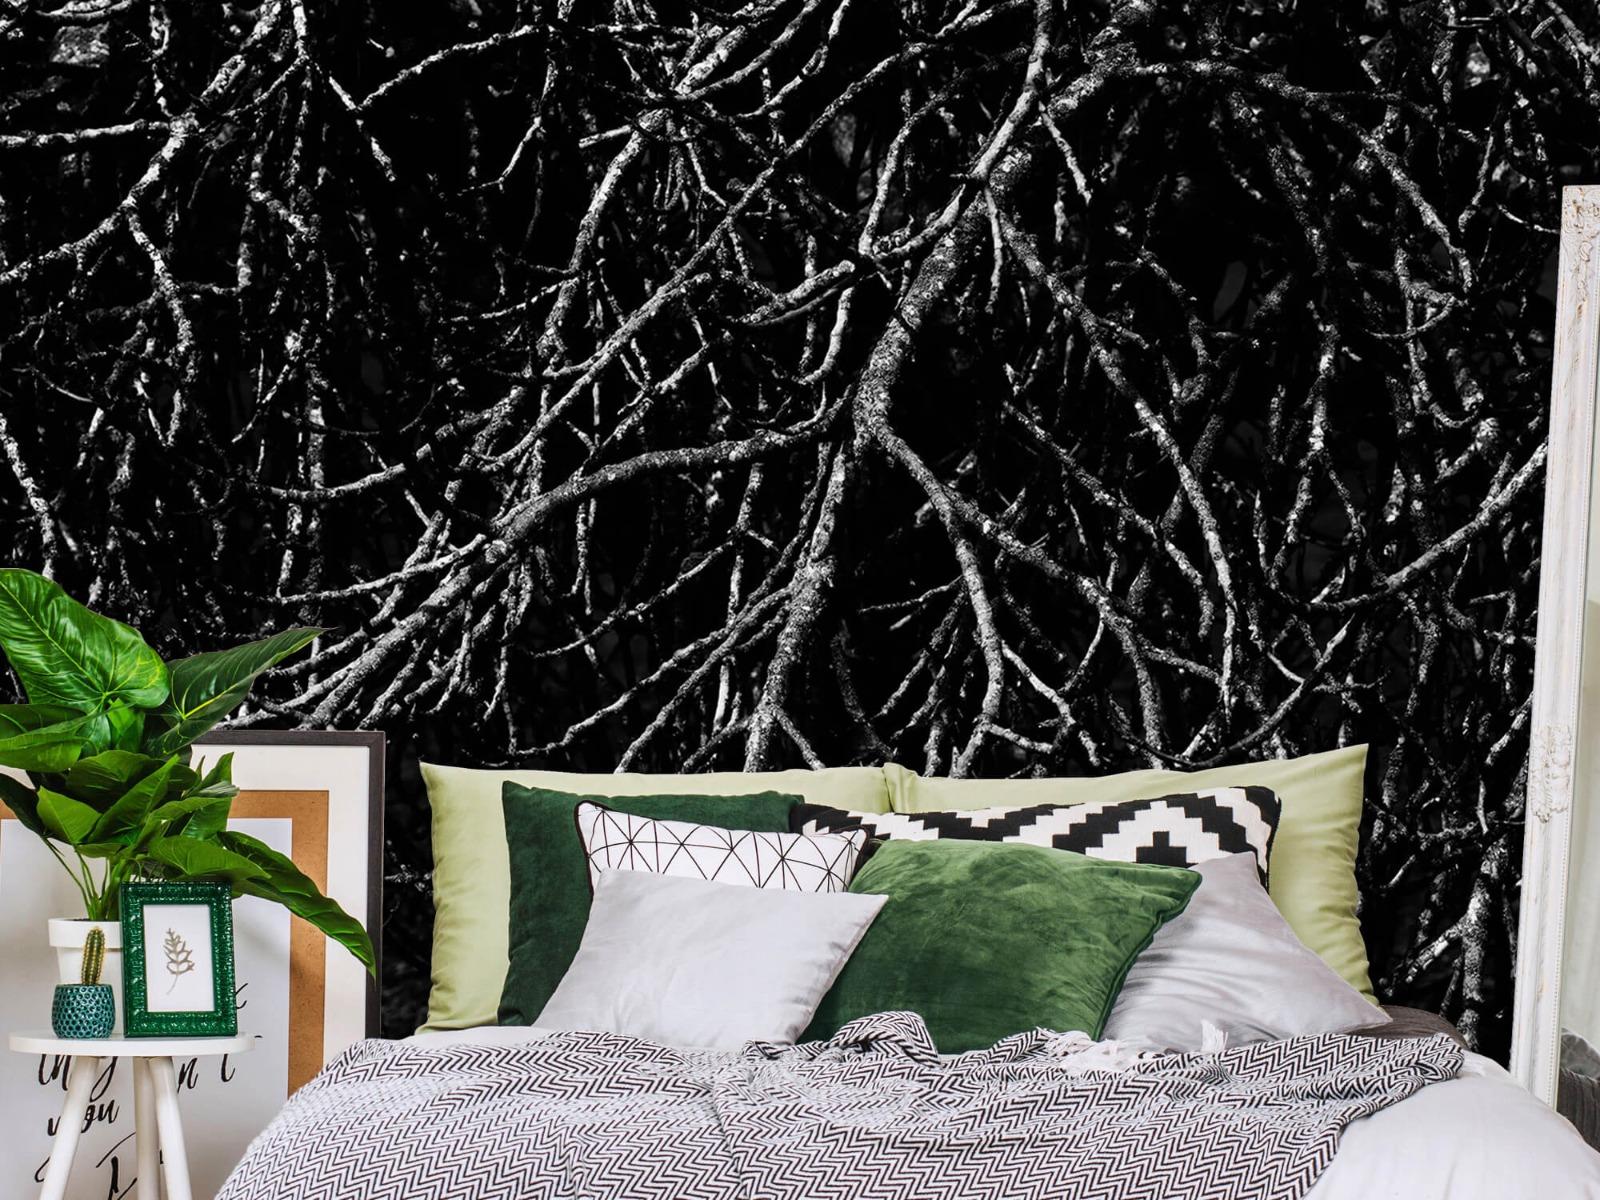 Zwart Wit behang - Boomtakken in zwart wit - Magazijn 13